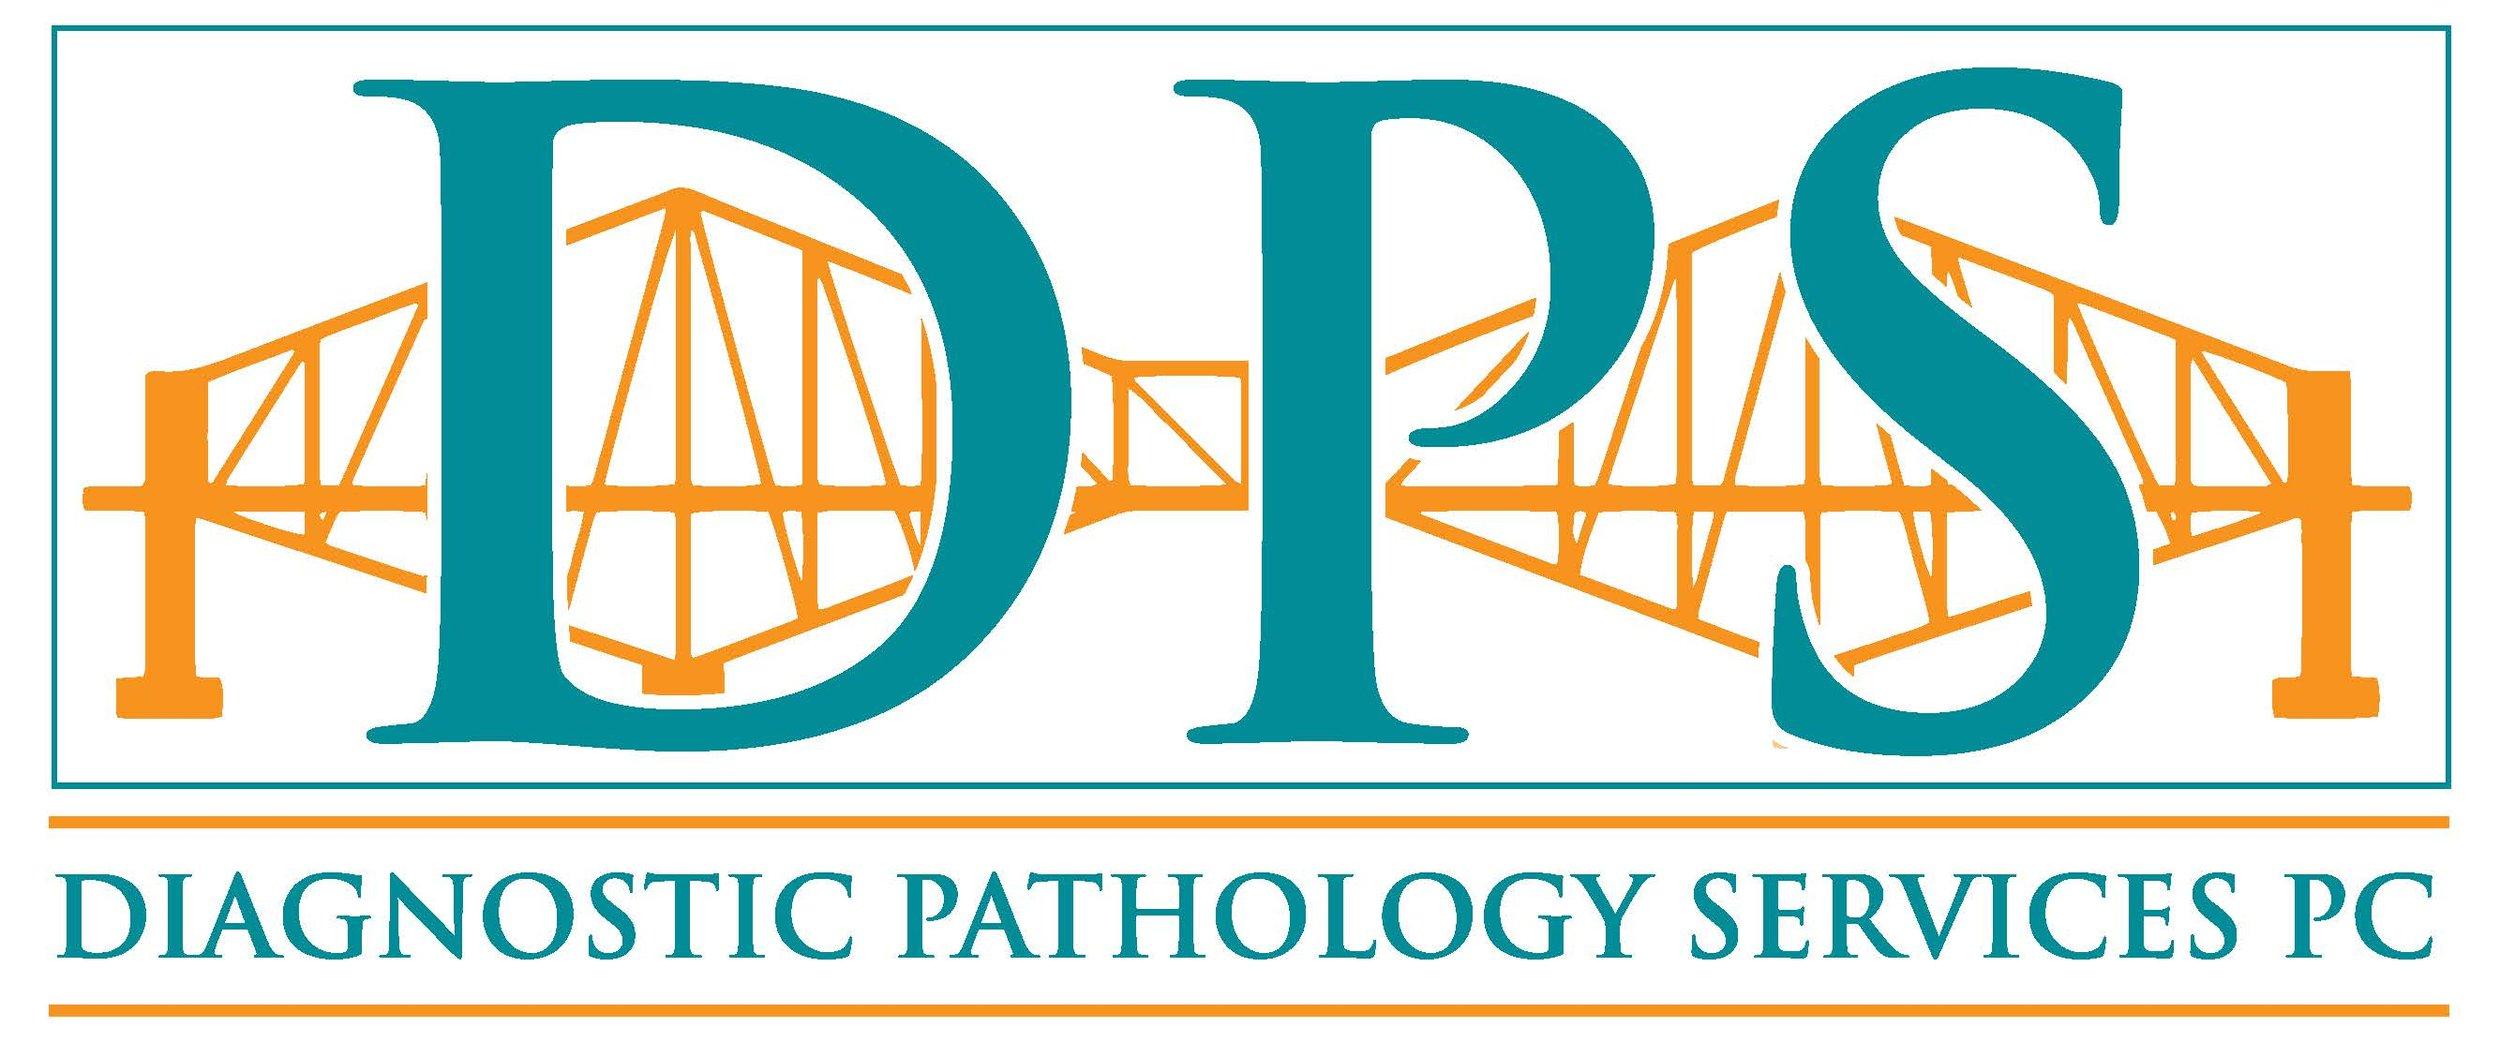 DPS 2019 logo.jpg